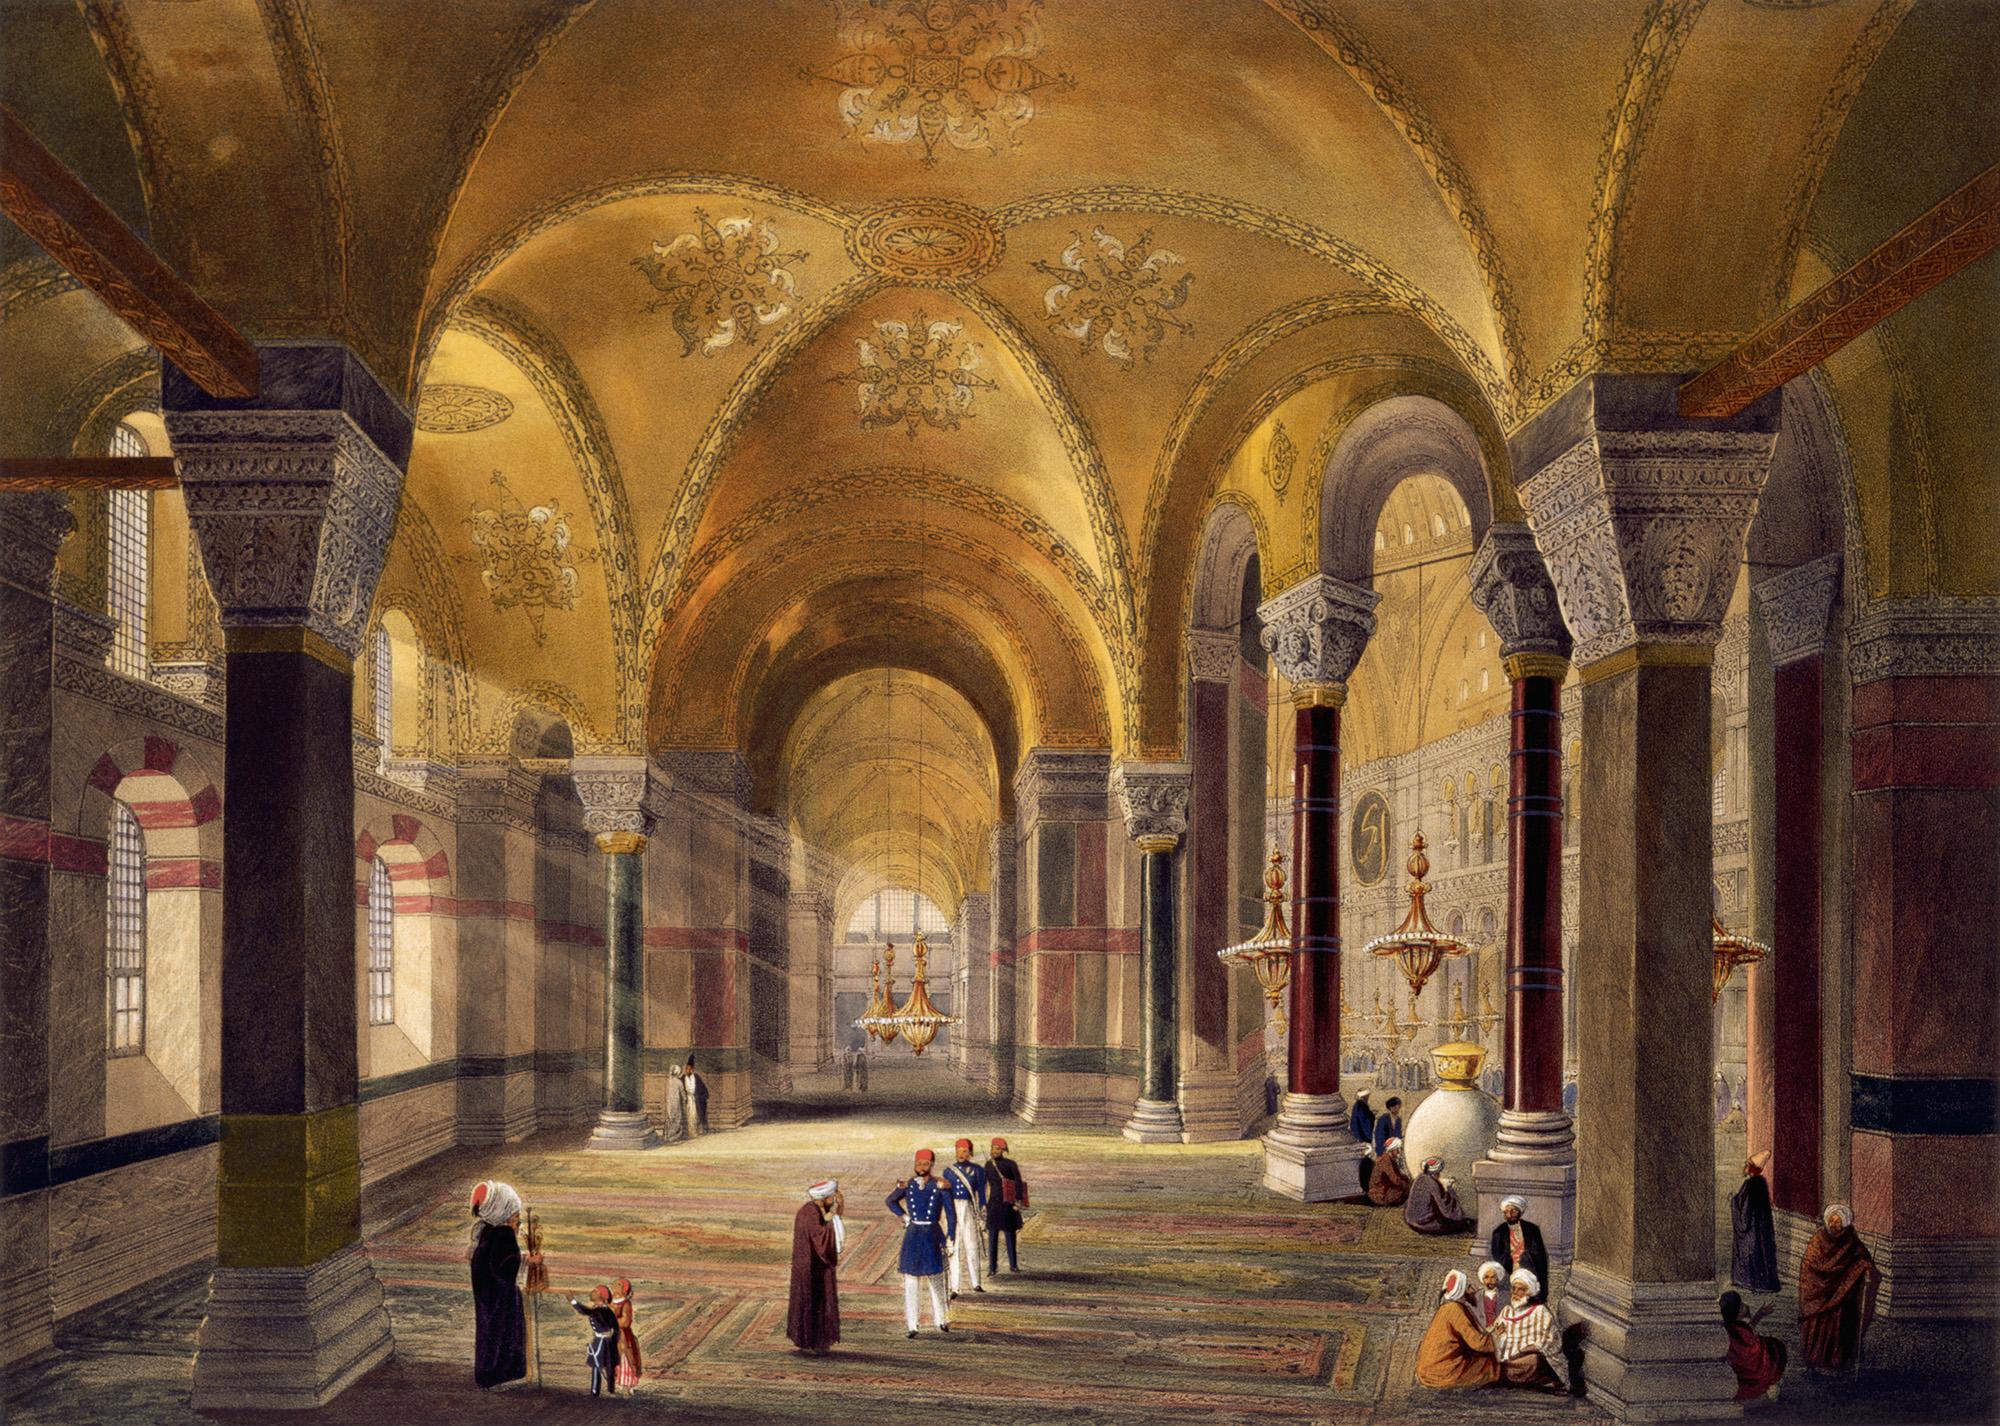 Собор Святой Софии, начало 19 века, цветная литография